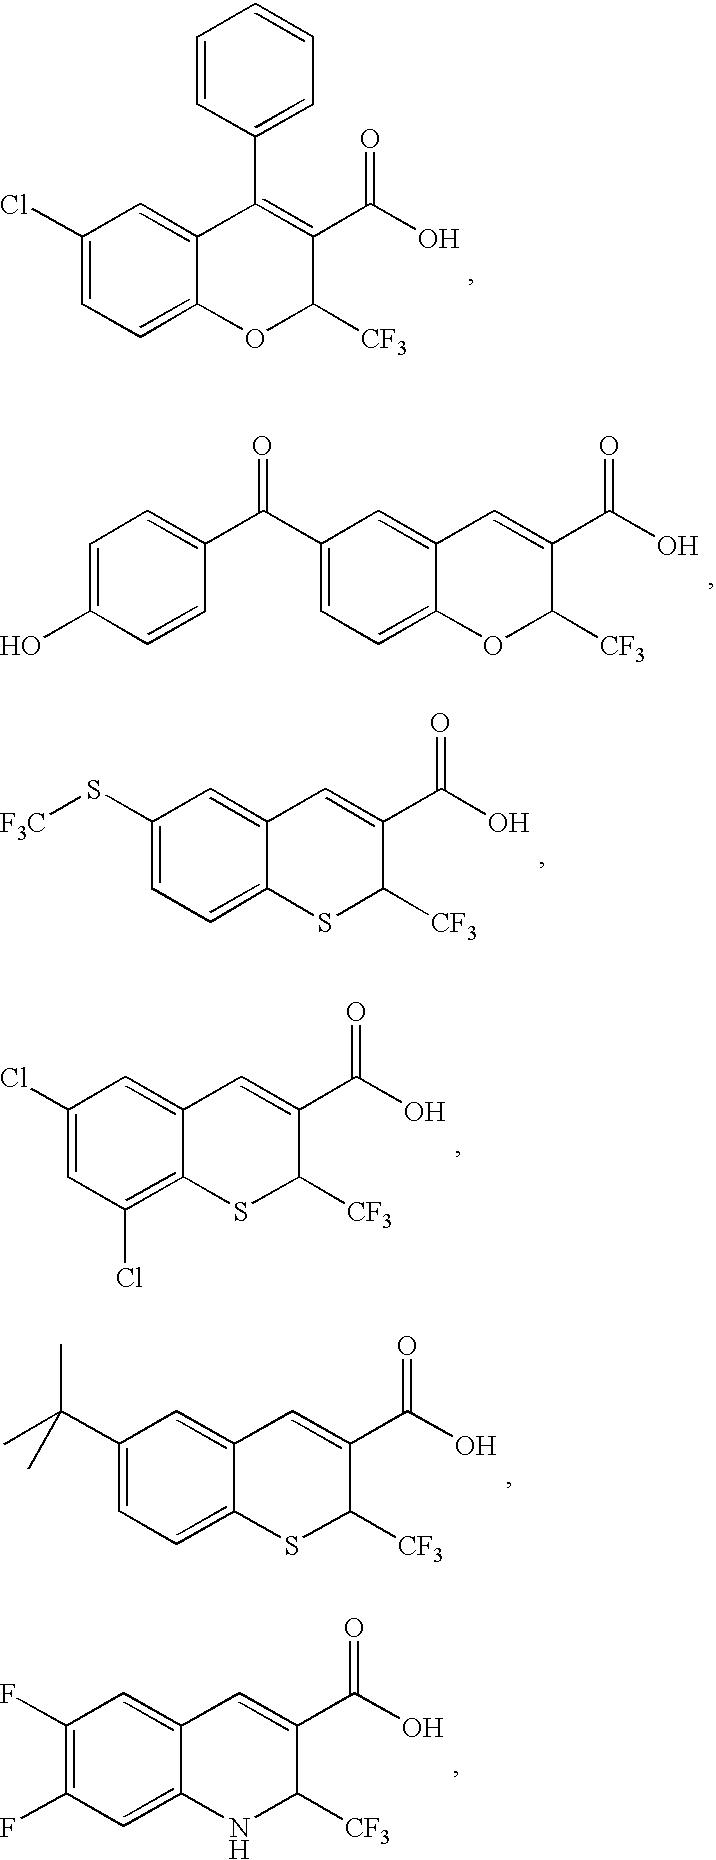 Figure US20030211163A1-20031113-C00054